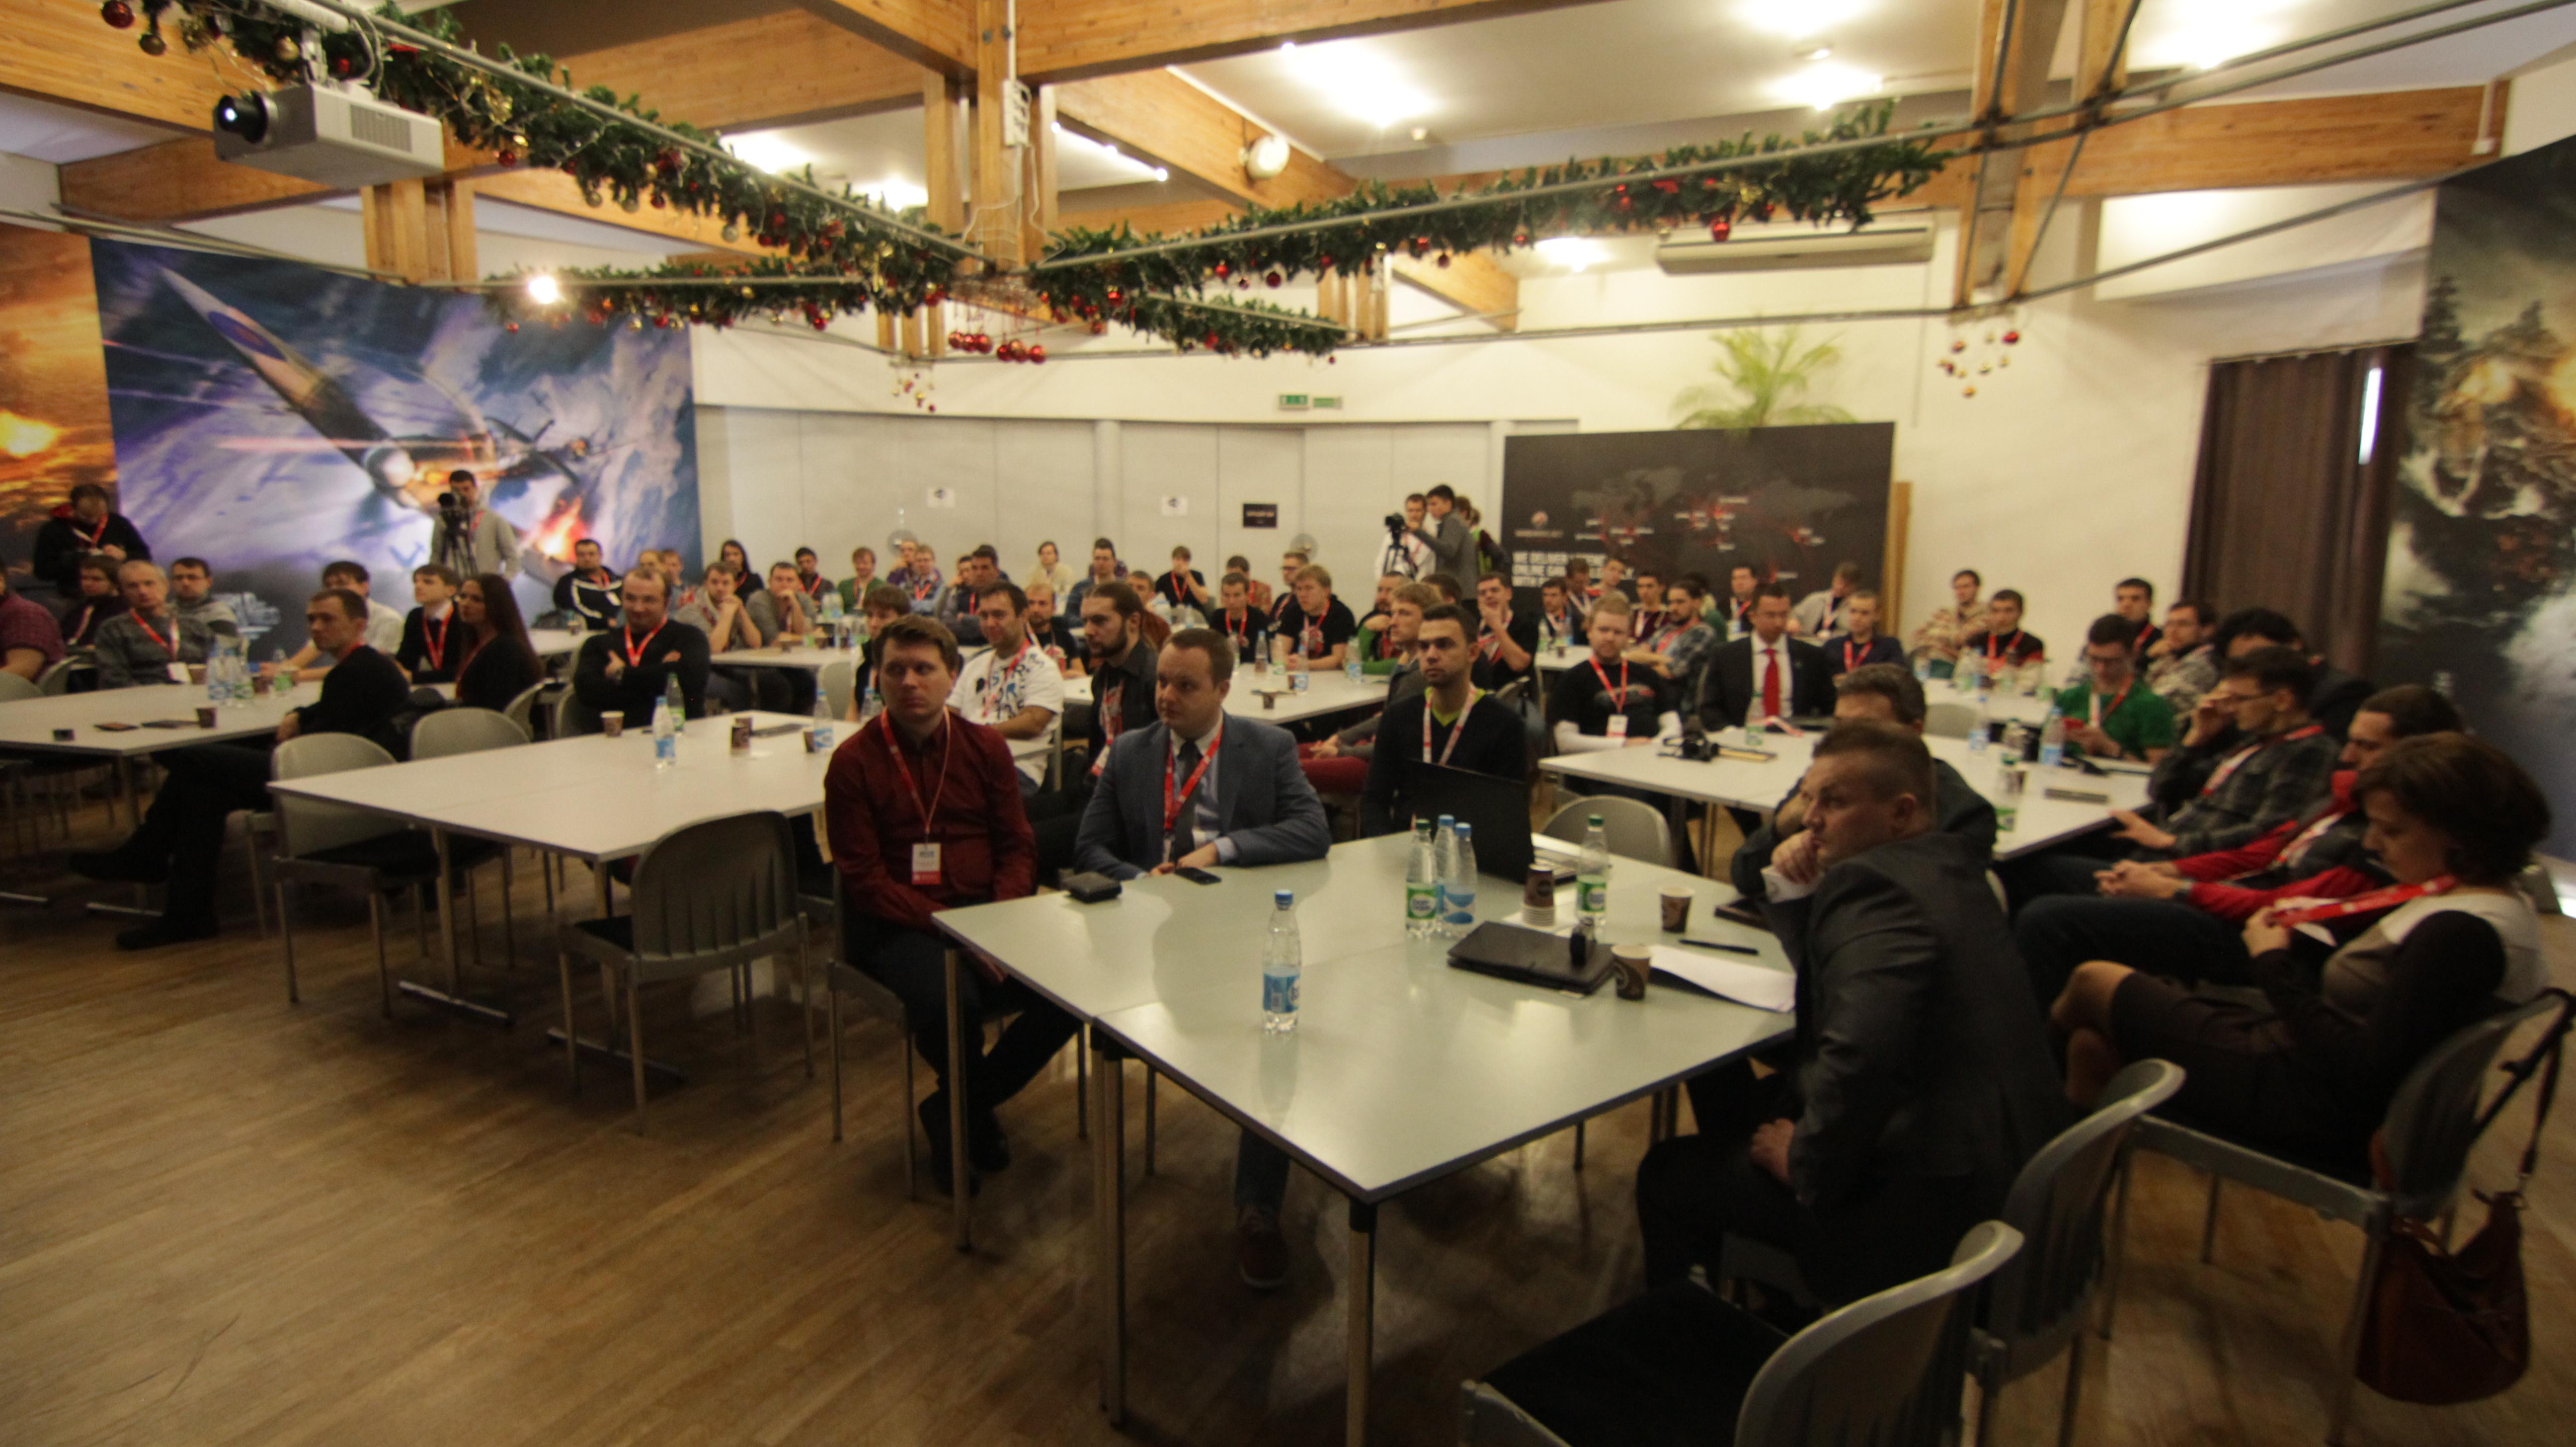 WGN_Photos_WGDC_Conference_Image_24